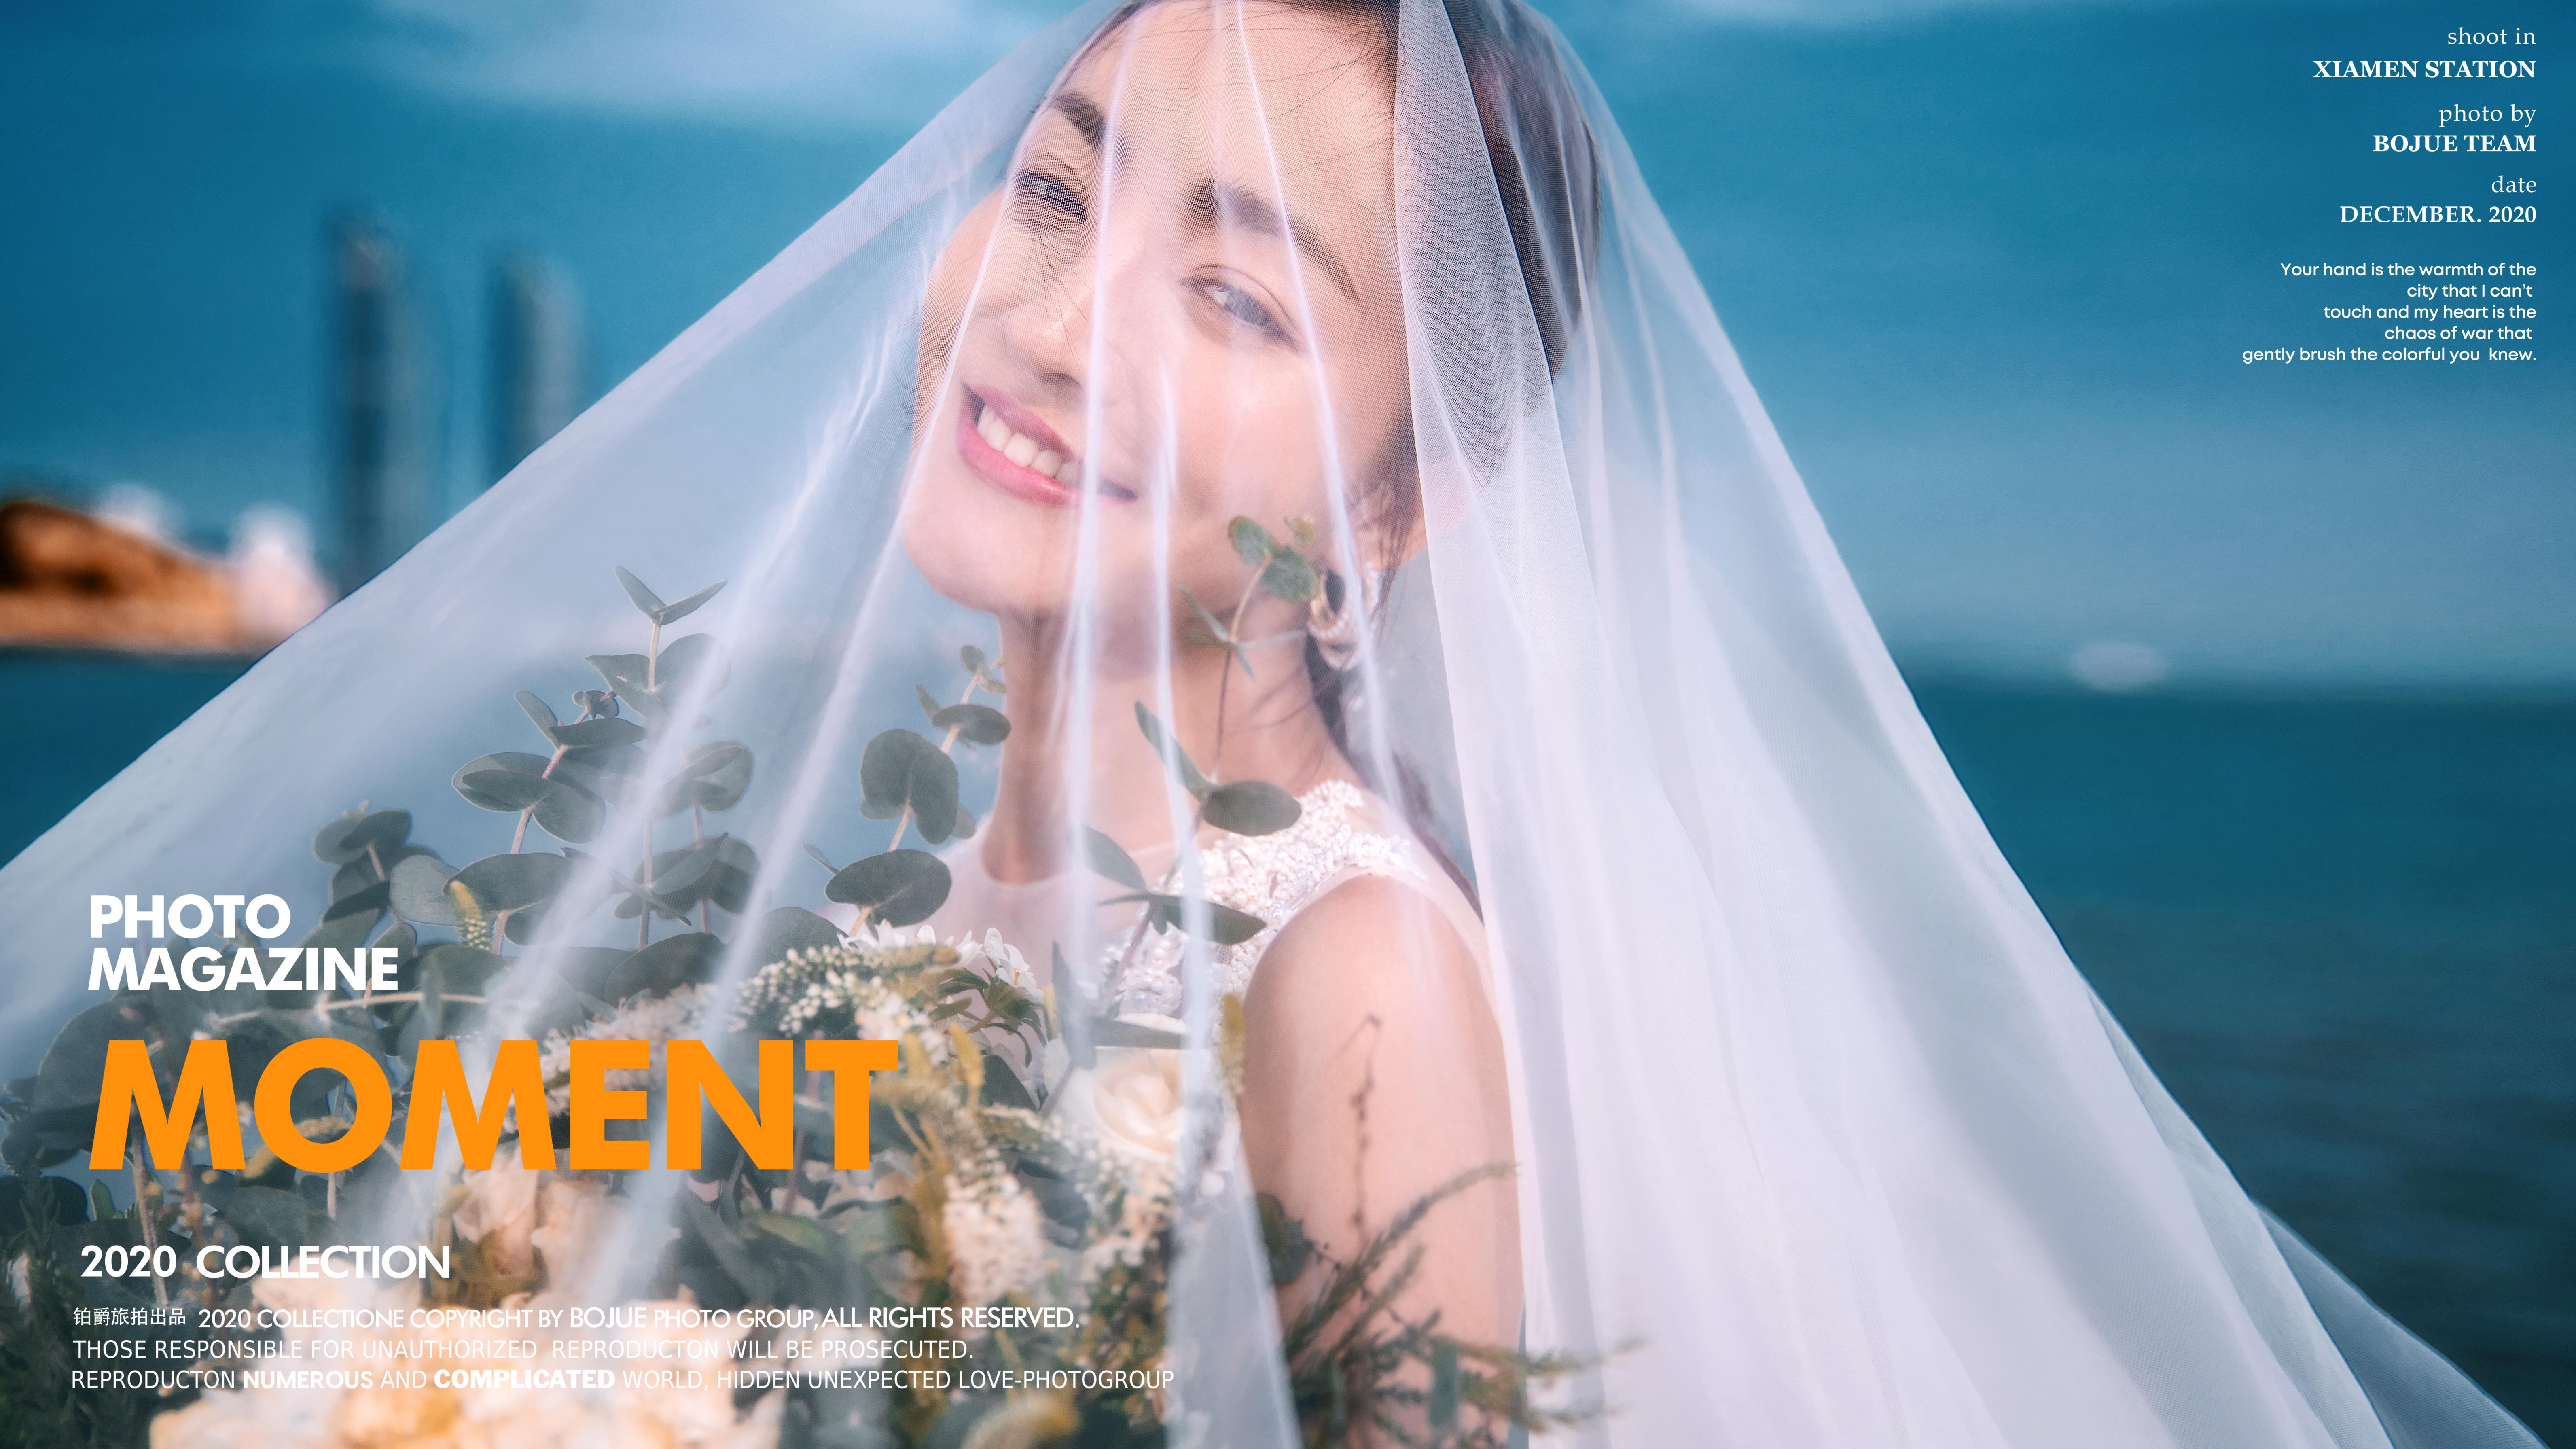 厦门鼓浪屿婚纱照哪里取景拍摄合适 拍摄要注意什么